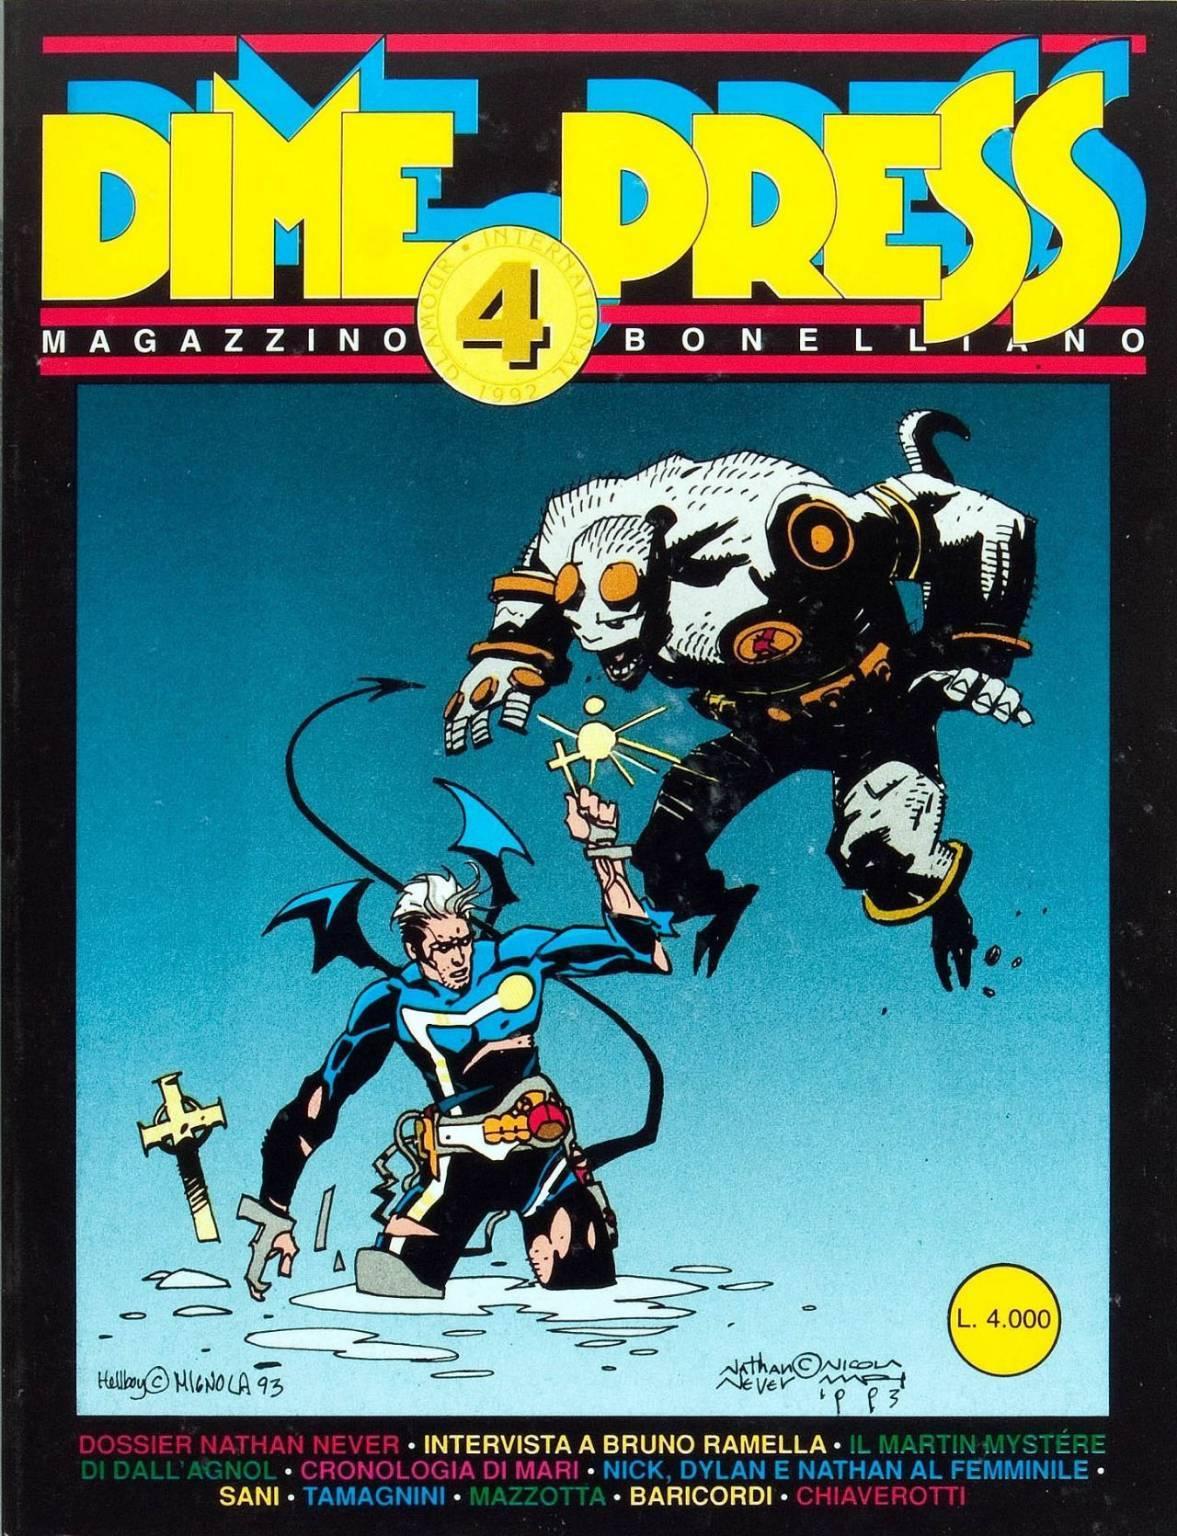 Hellboy Dima Press 4